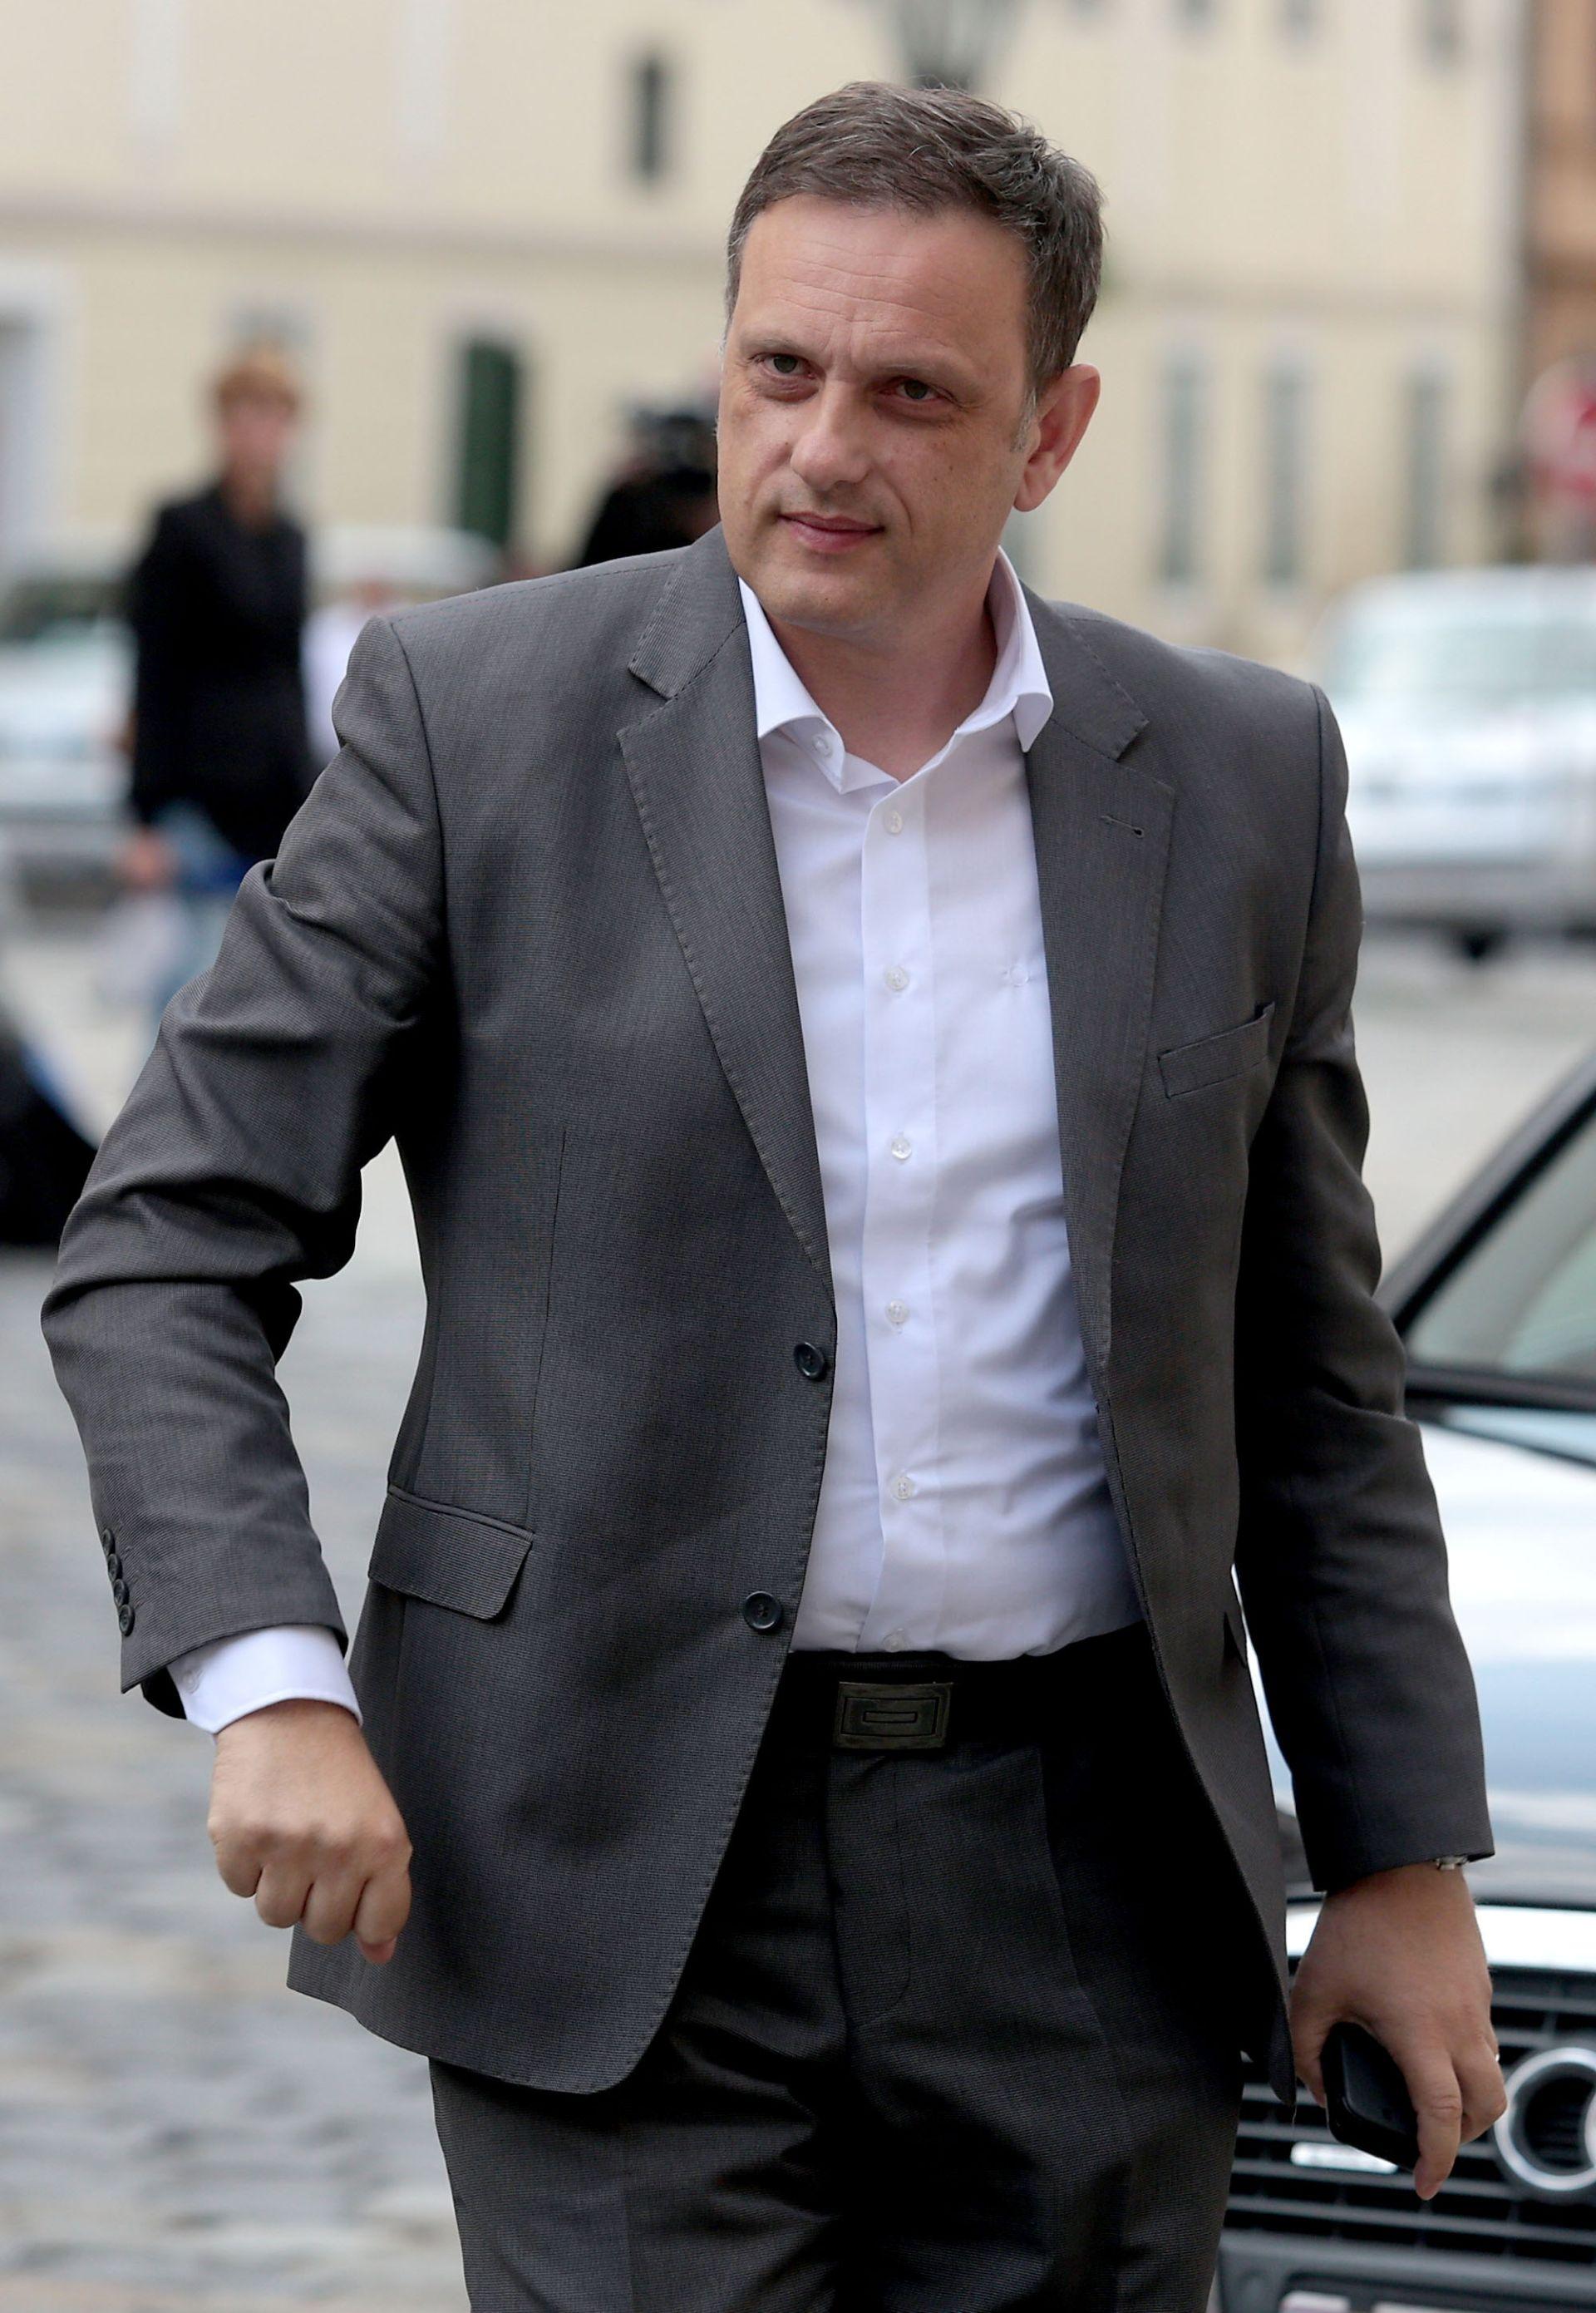 'MORH više nema veze s nekretninom u Jurišićevoj 6'